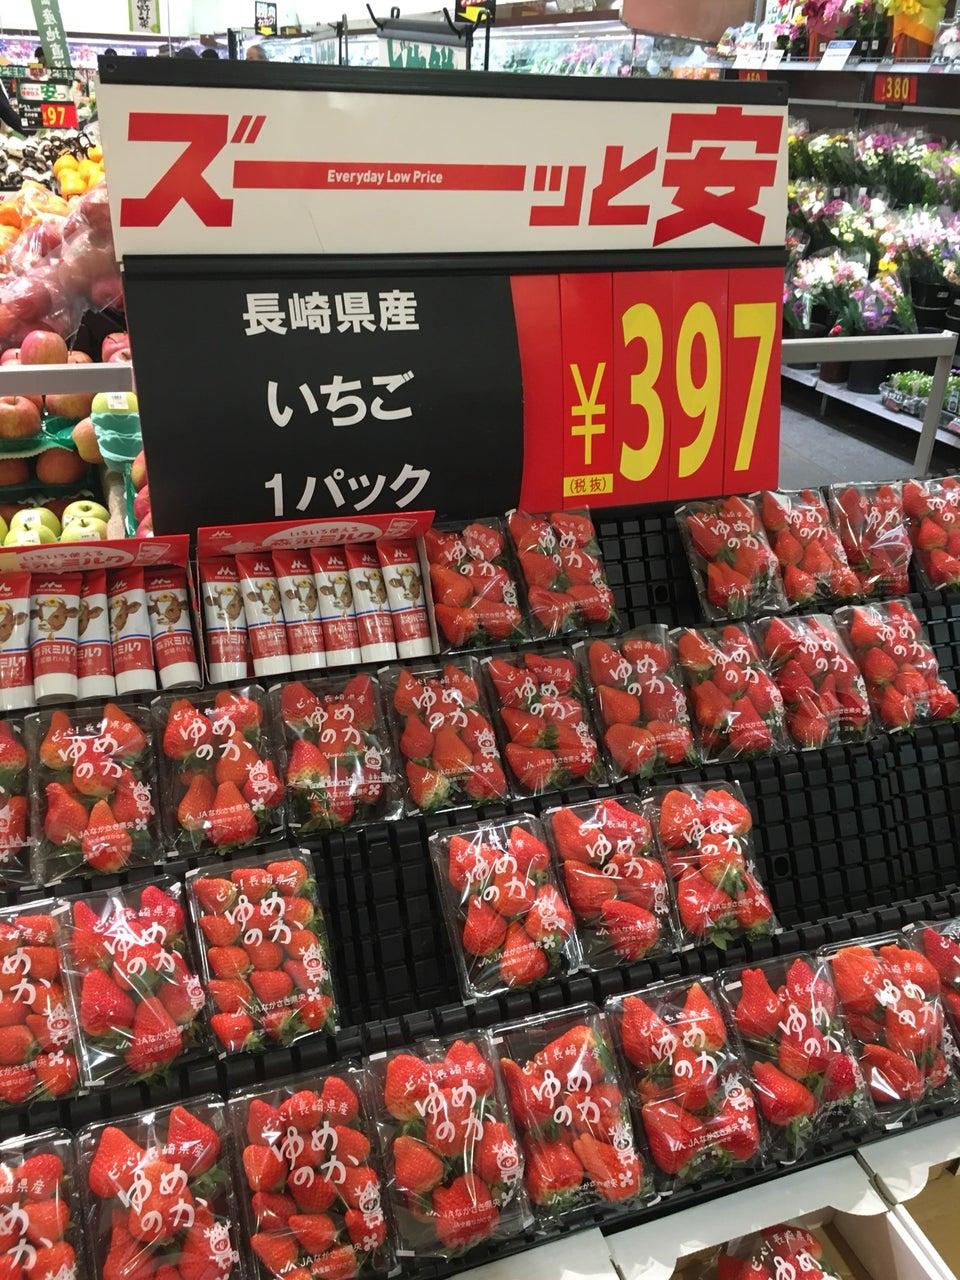 西友SEIYU超市